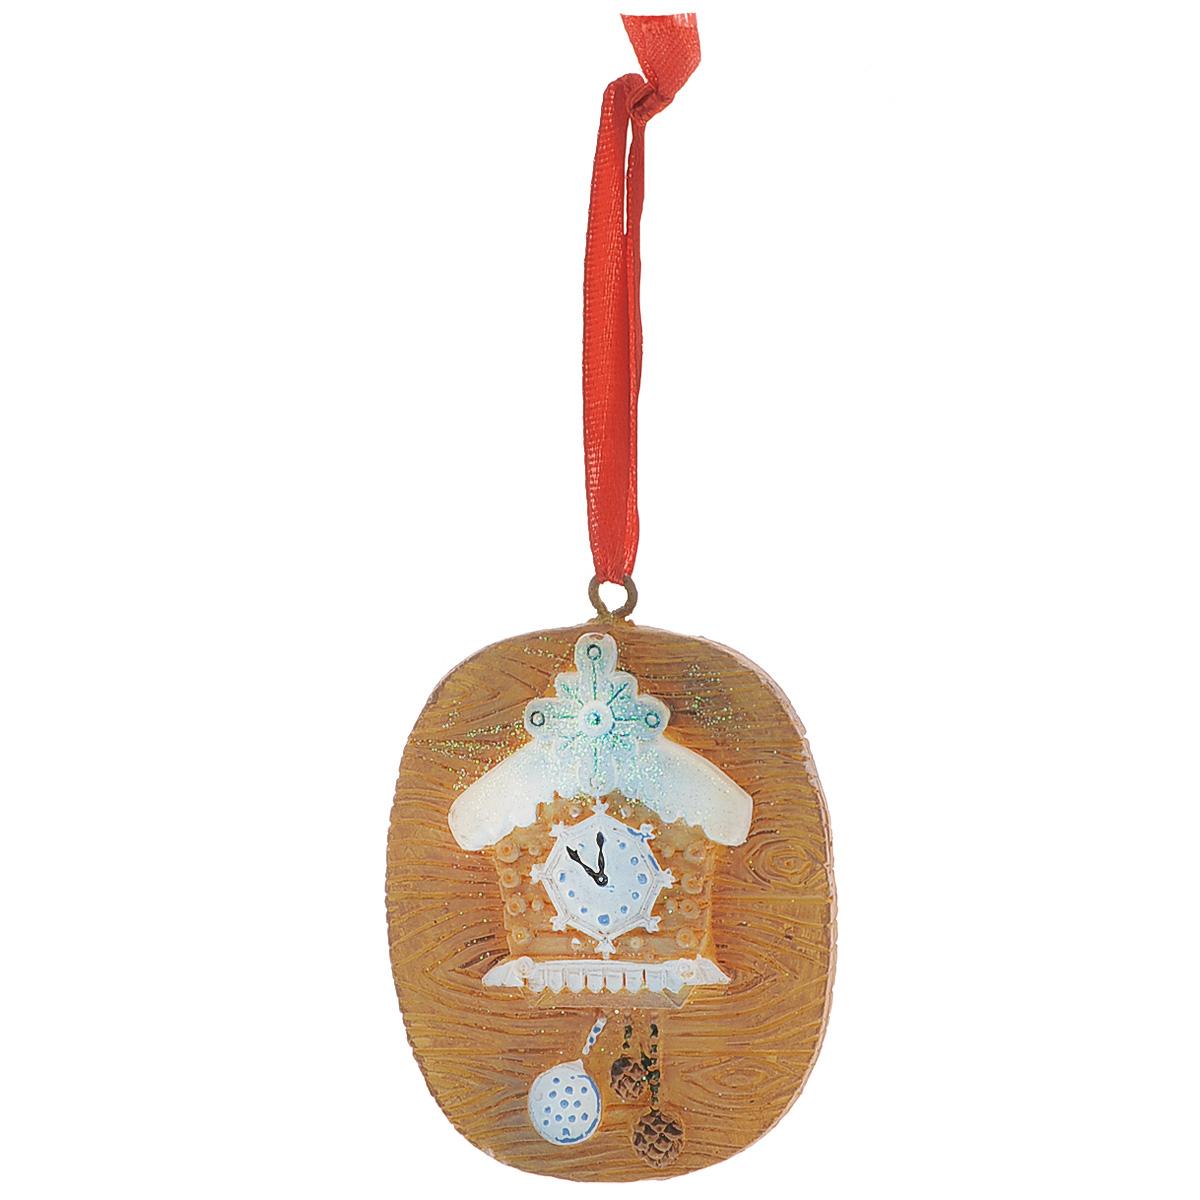 Новогоднее подвесное украшение Феникс-Презент Сказочные часы с шишками, цвет: коричневый. 3458034580Оригинальное новогоднее украшение из пластика прекрасно подойдет для праздничного декора дома и новогодней ели. Изделие крепится на елку с помощью металлического зажима.